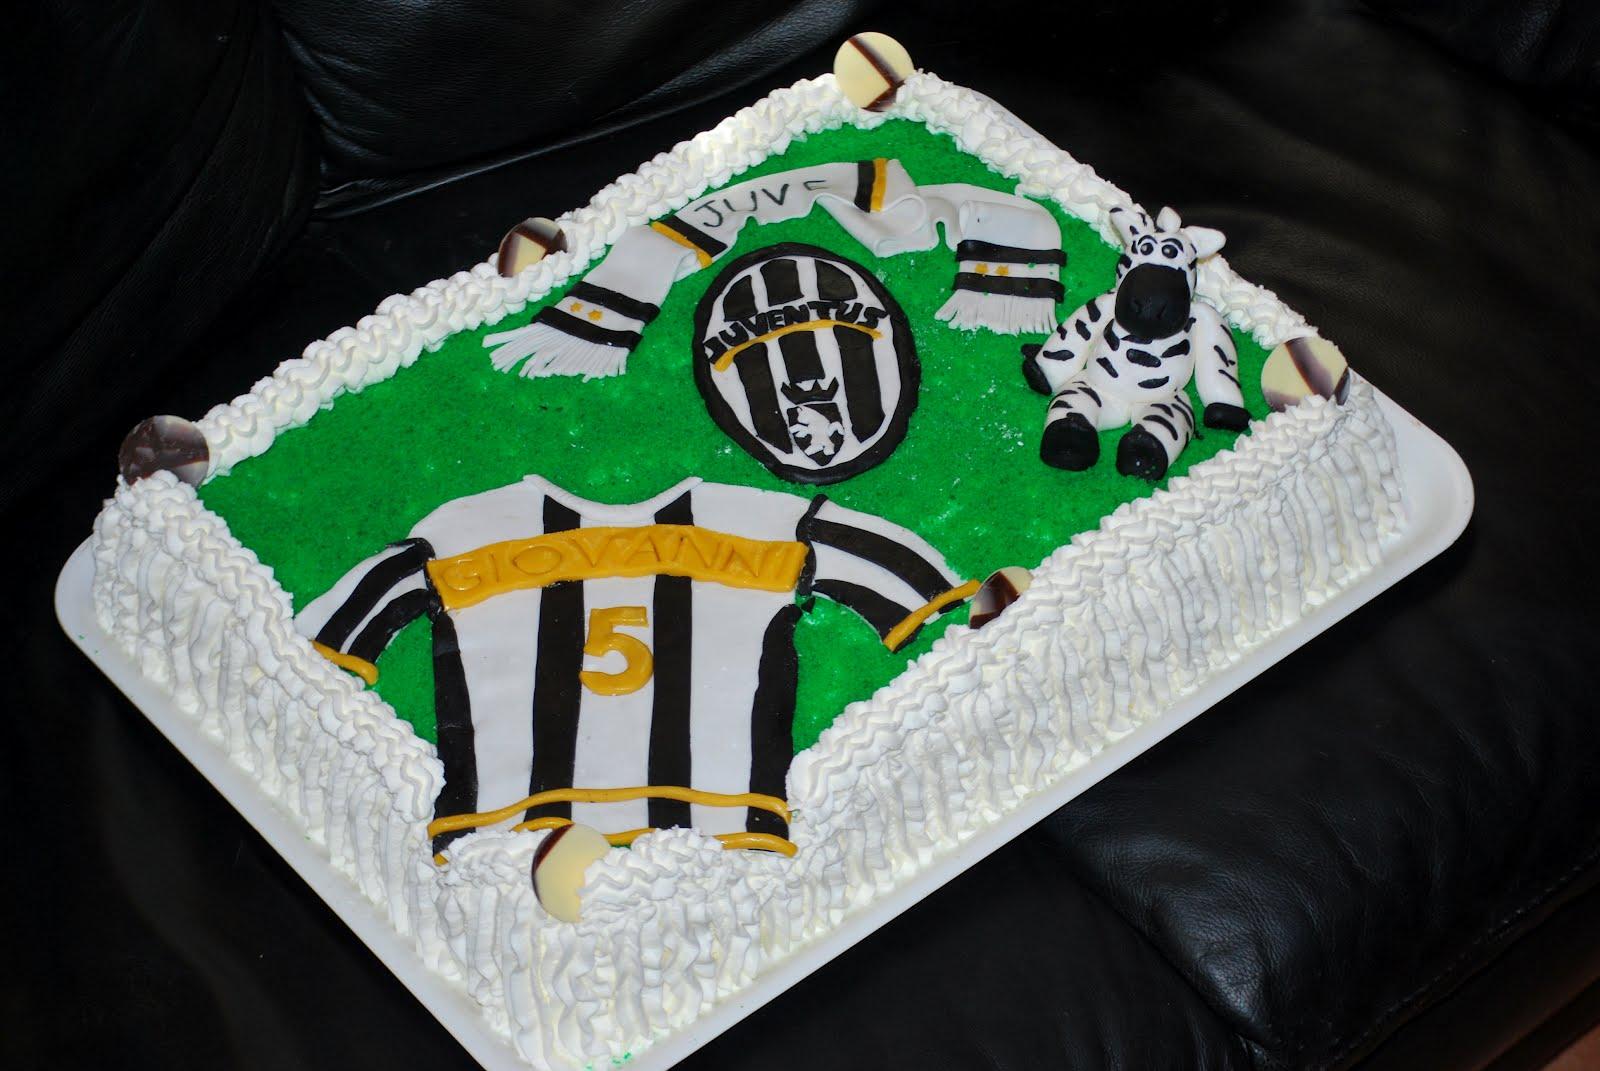 decorazioni torte della juventus: sweet fireblue: maggio 2015. val ... - Decorazioni Torte Juventus